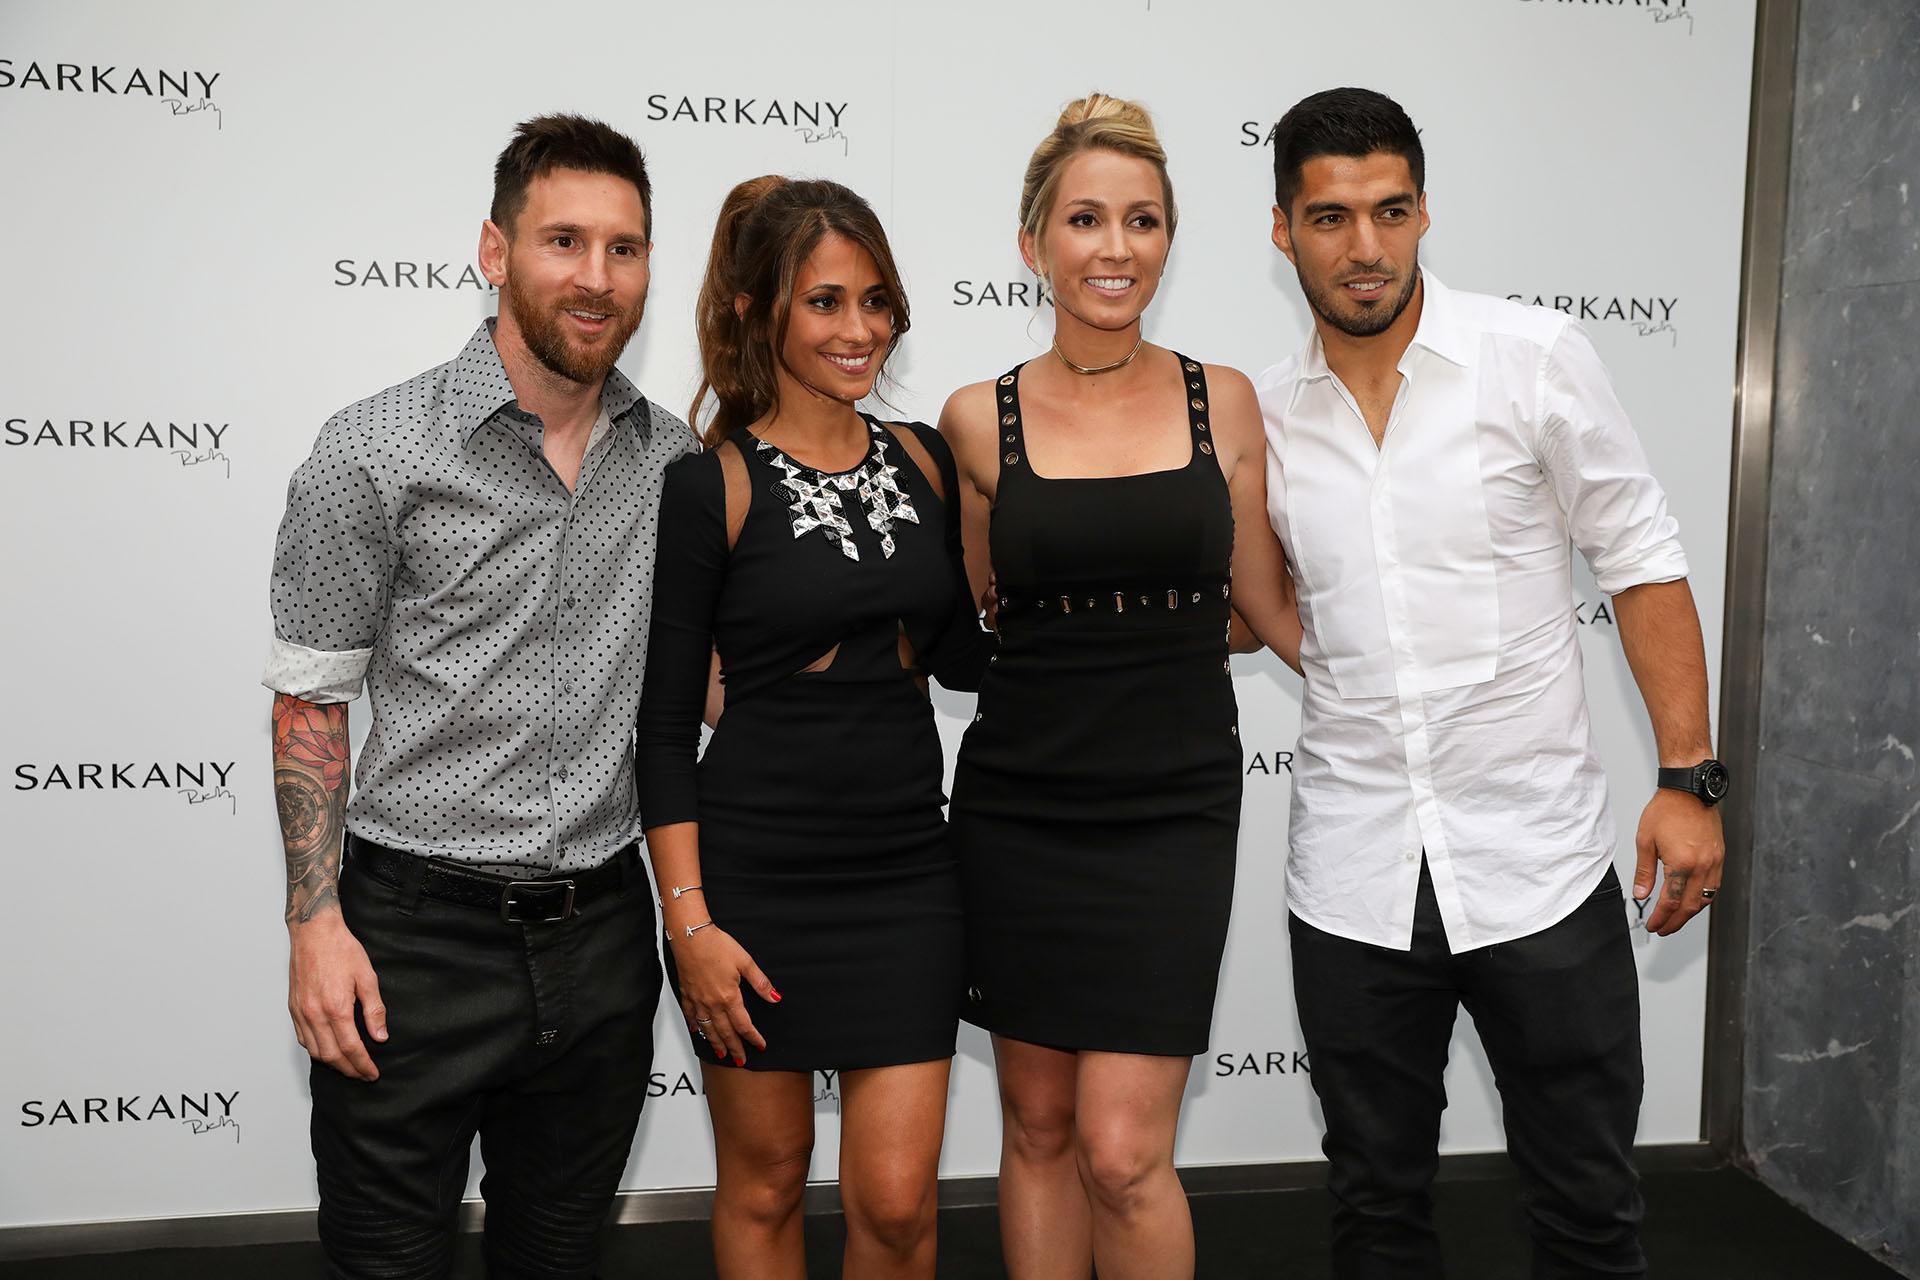 Lionel Messi y su mujer Antonella Roccuzzo, con quien se casará el próximo 30 de junio. Luis Suárez también acompañó a su esposa, Sofía Balbi